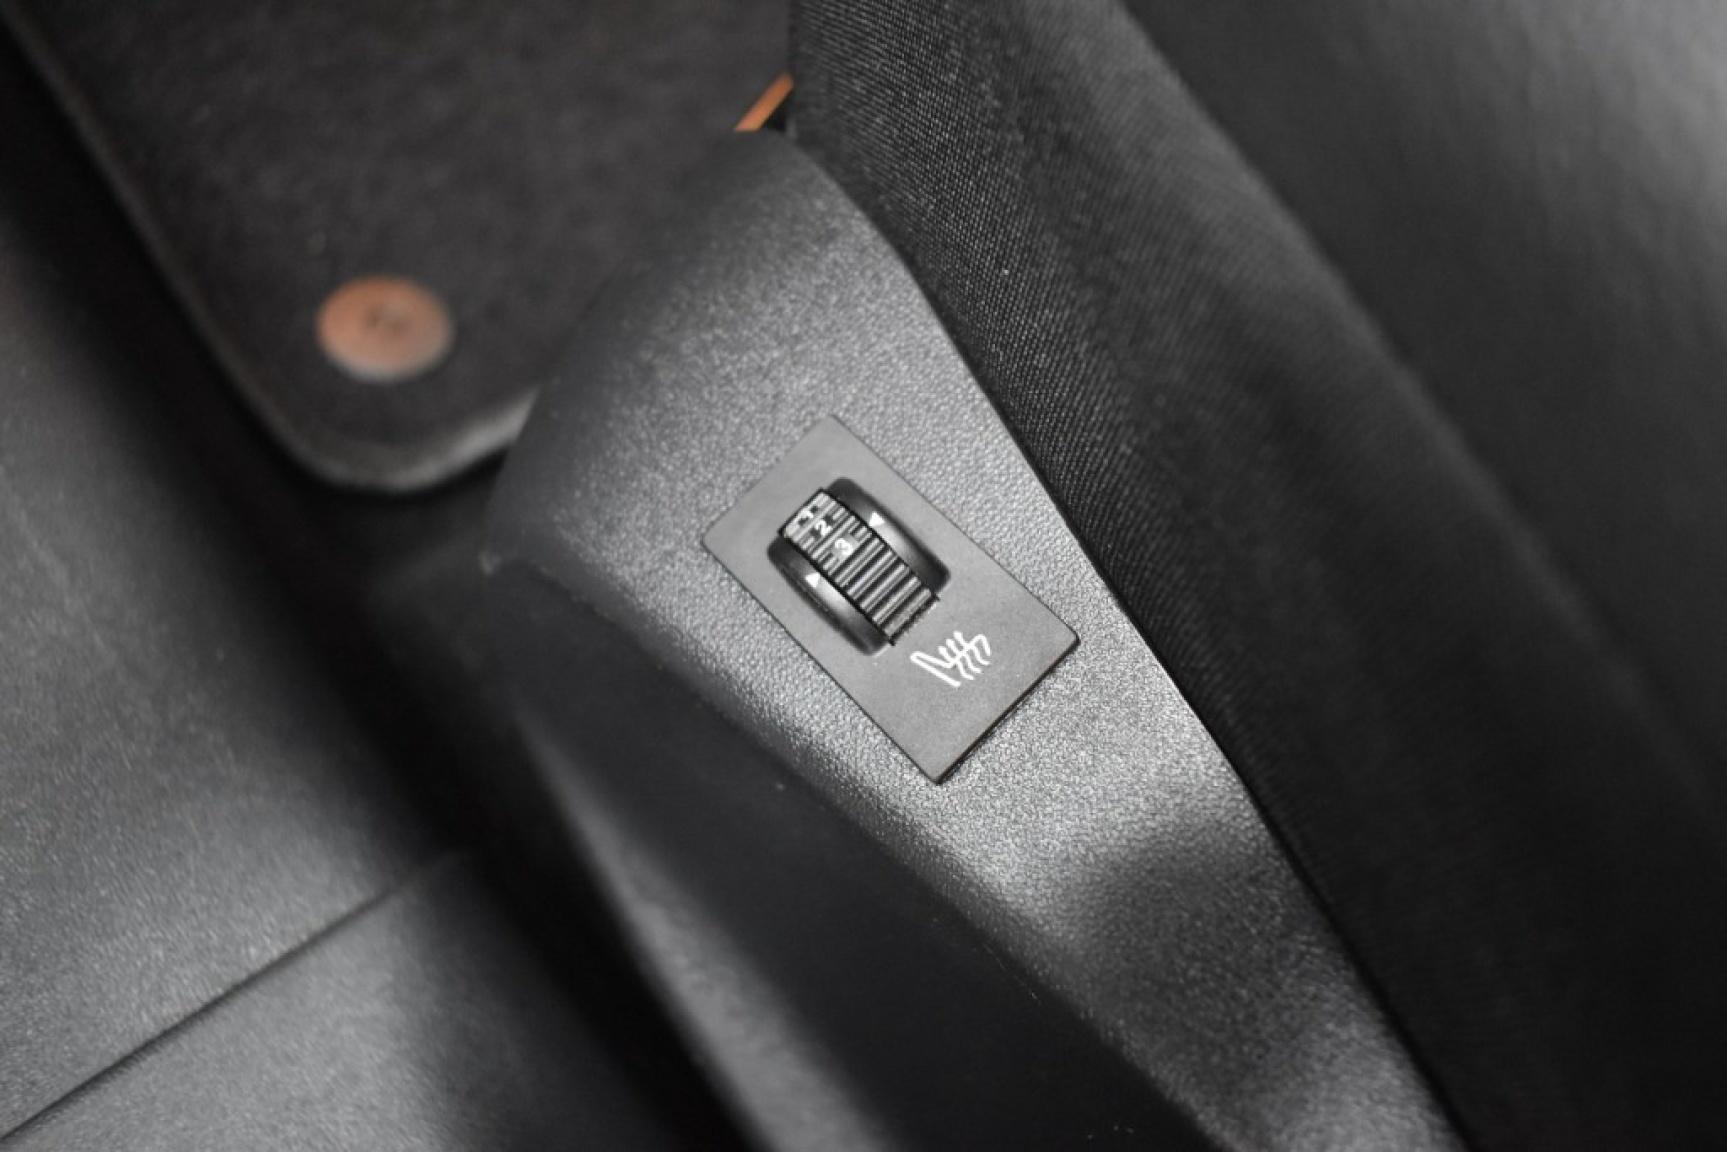 Peugeot-2008-37